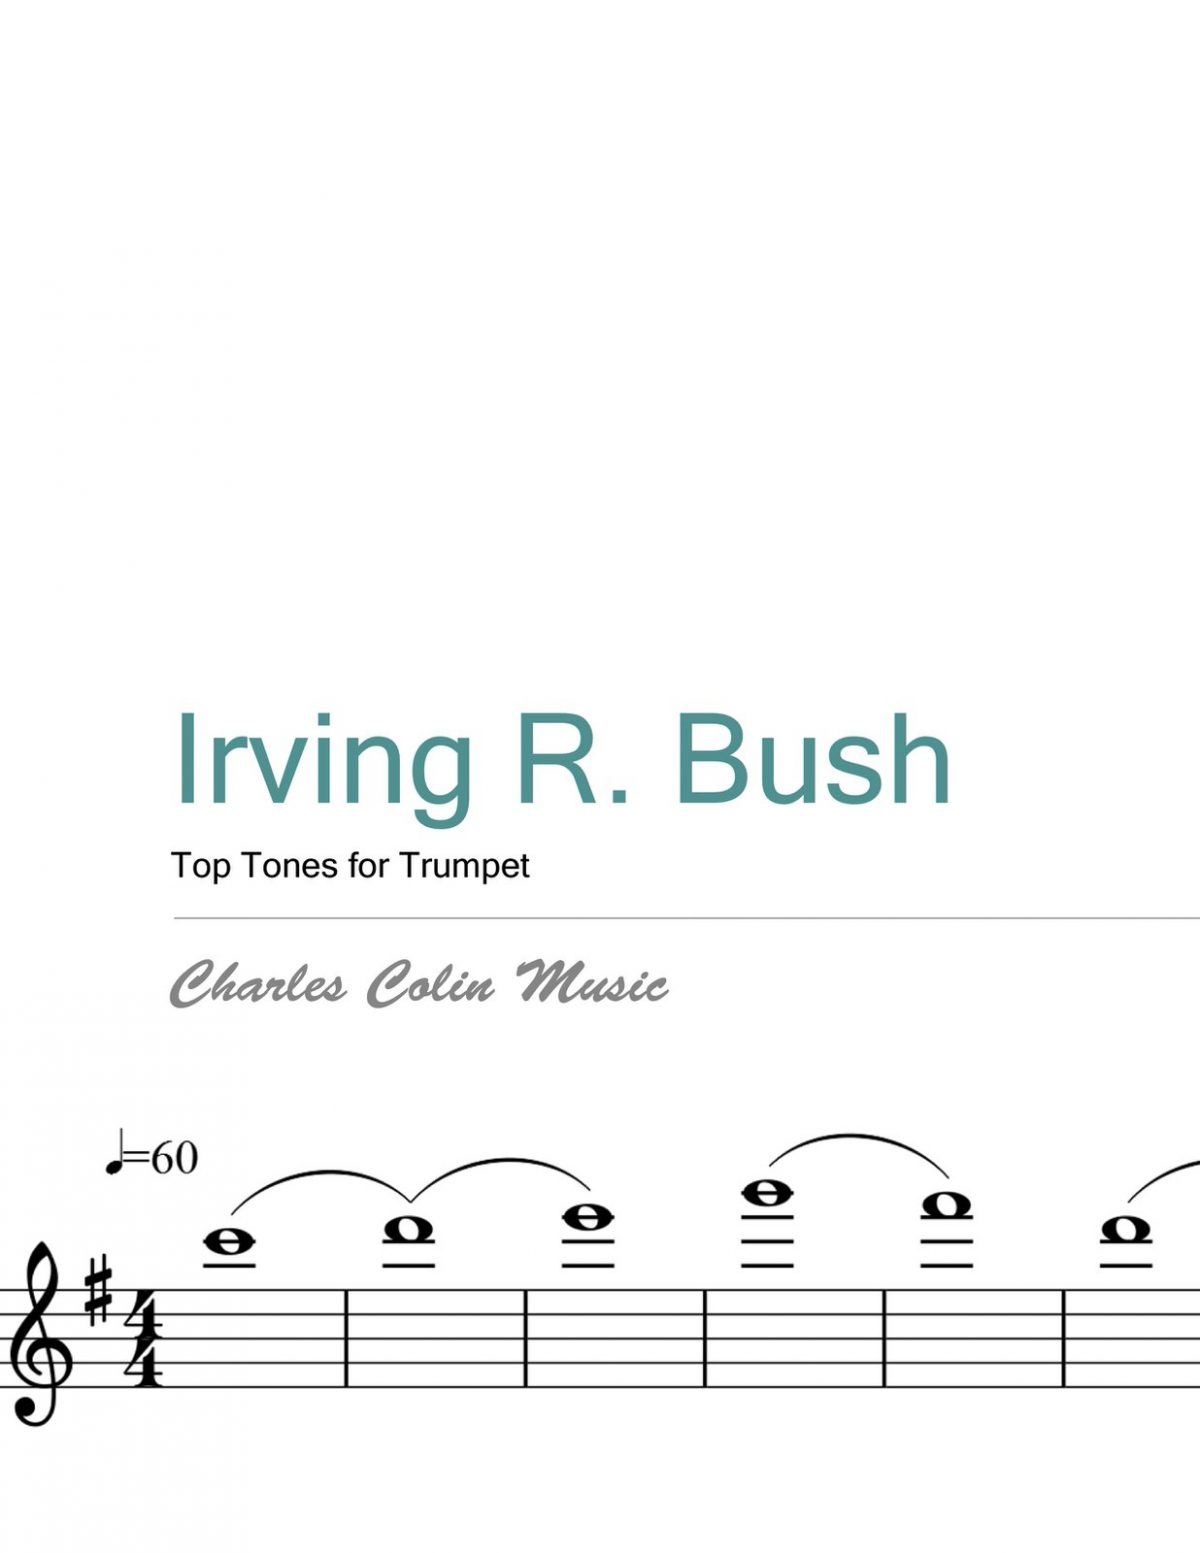 Bush, Top Tones for Trumpet PDF